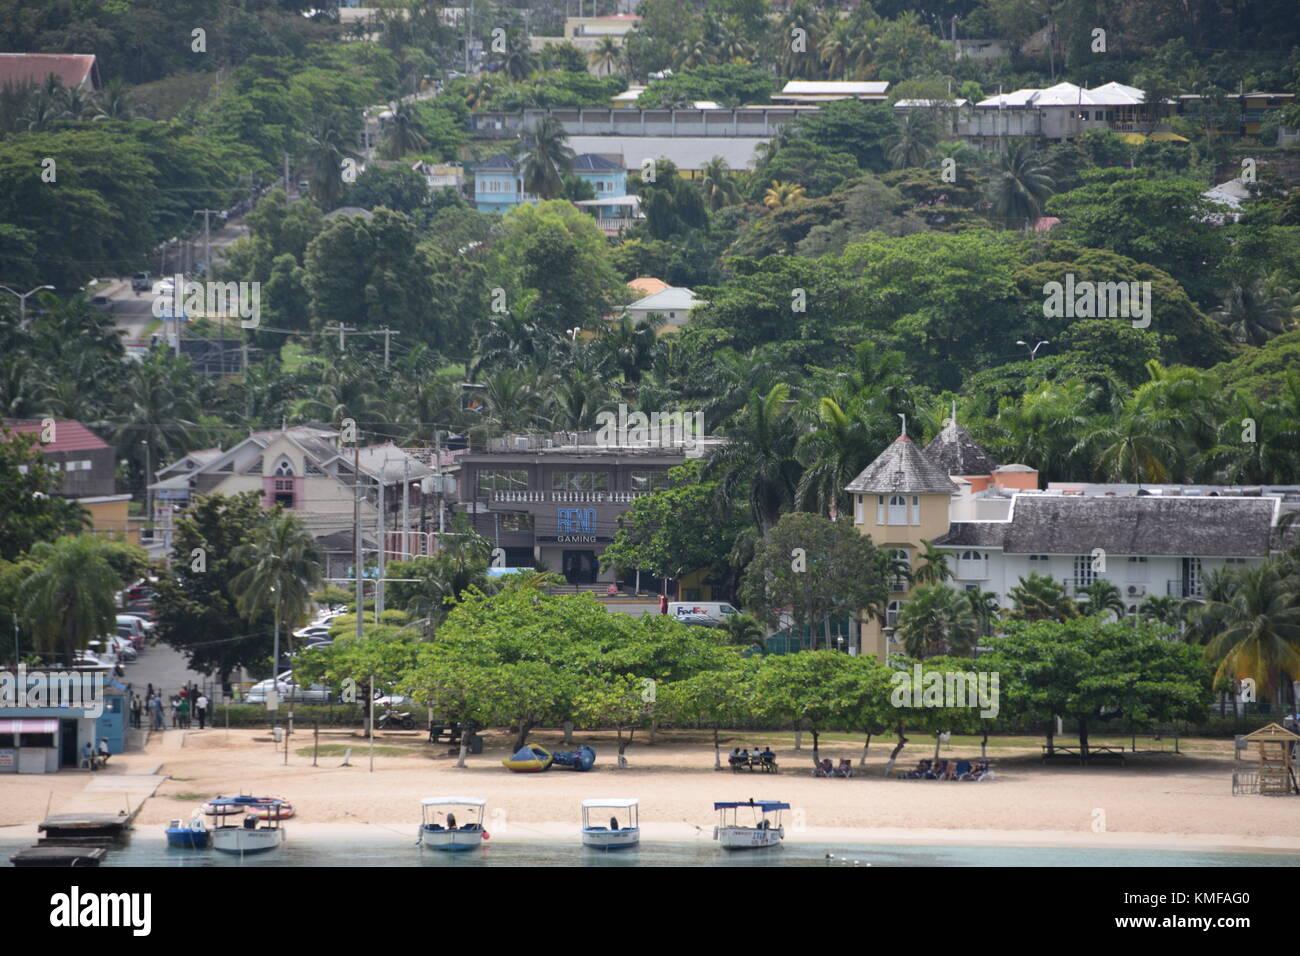 Ocho Rios, Jamaica, Caribbean - Stock Image